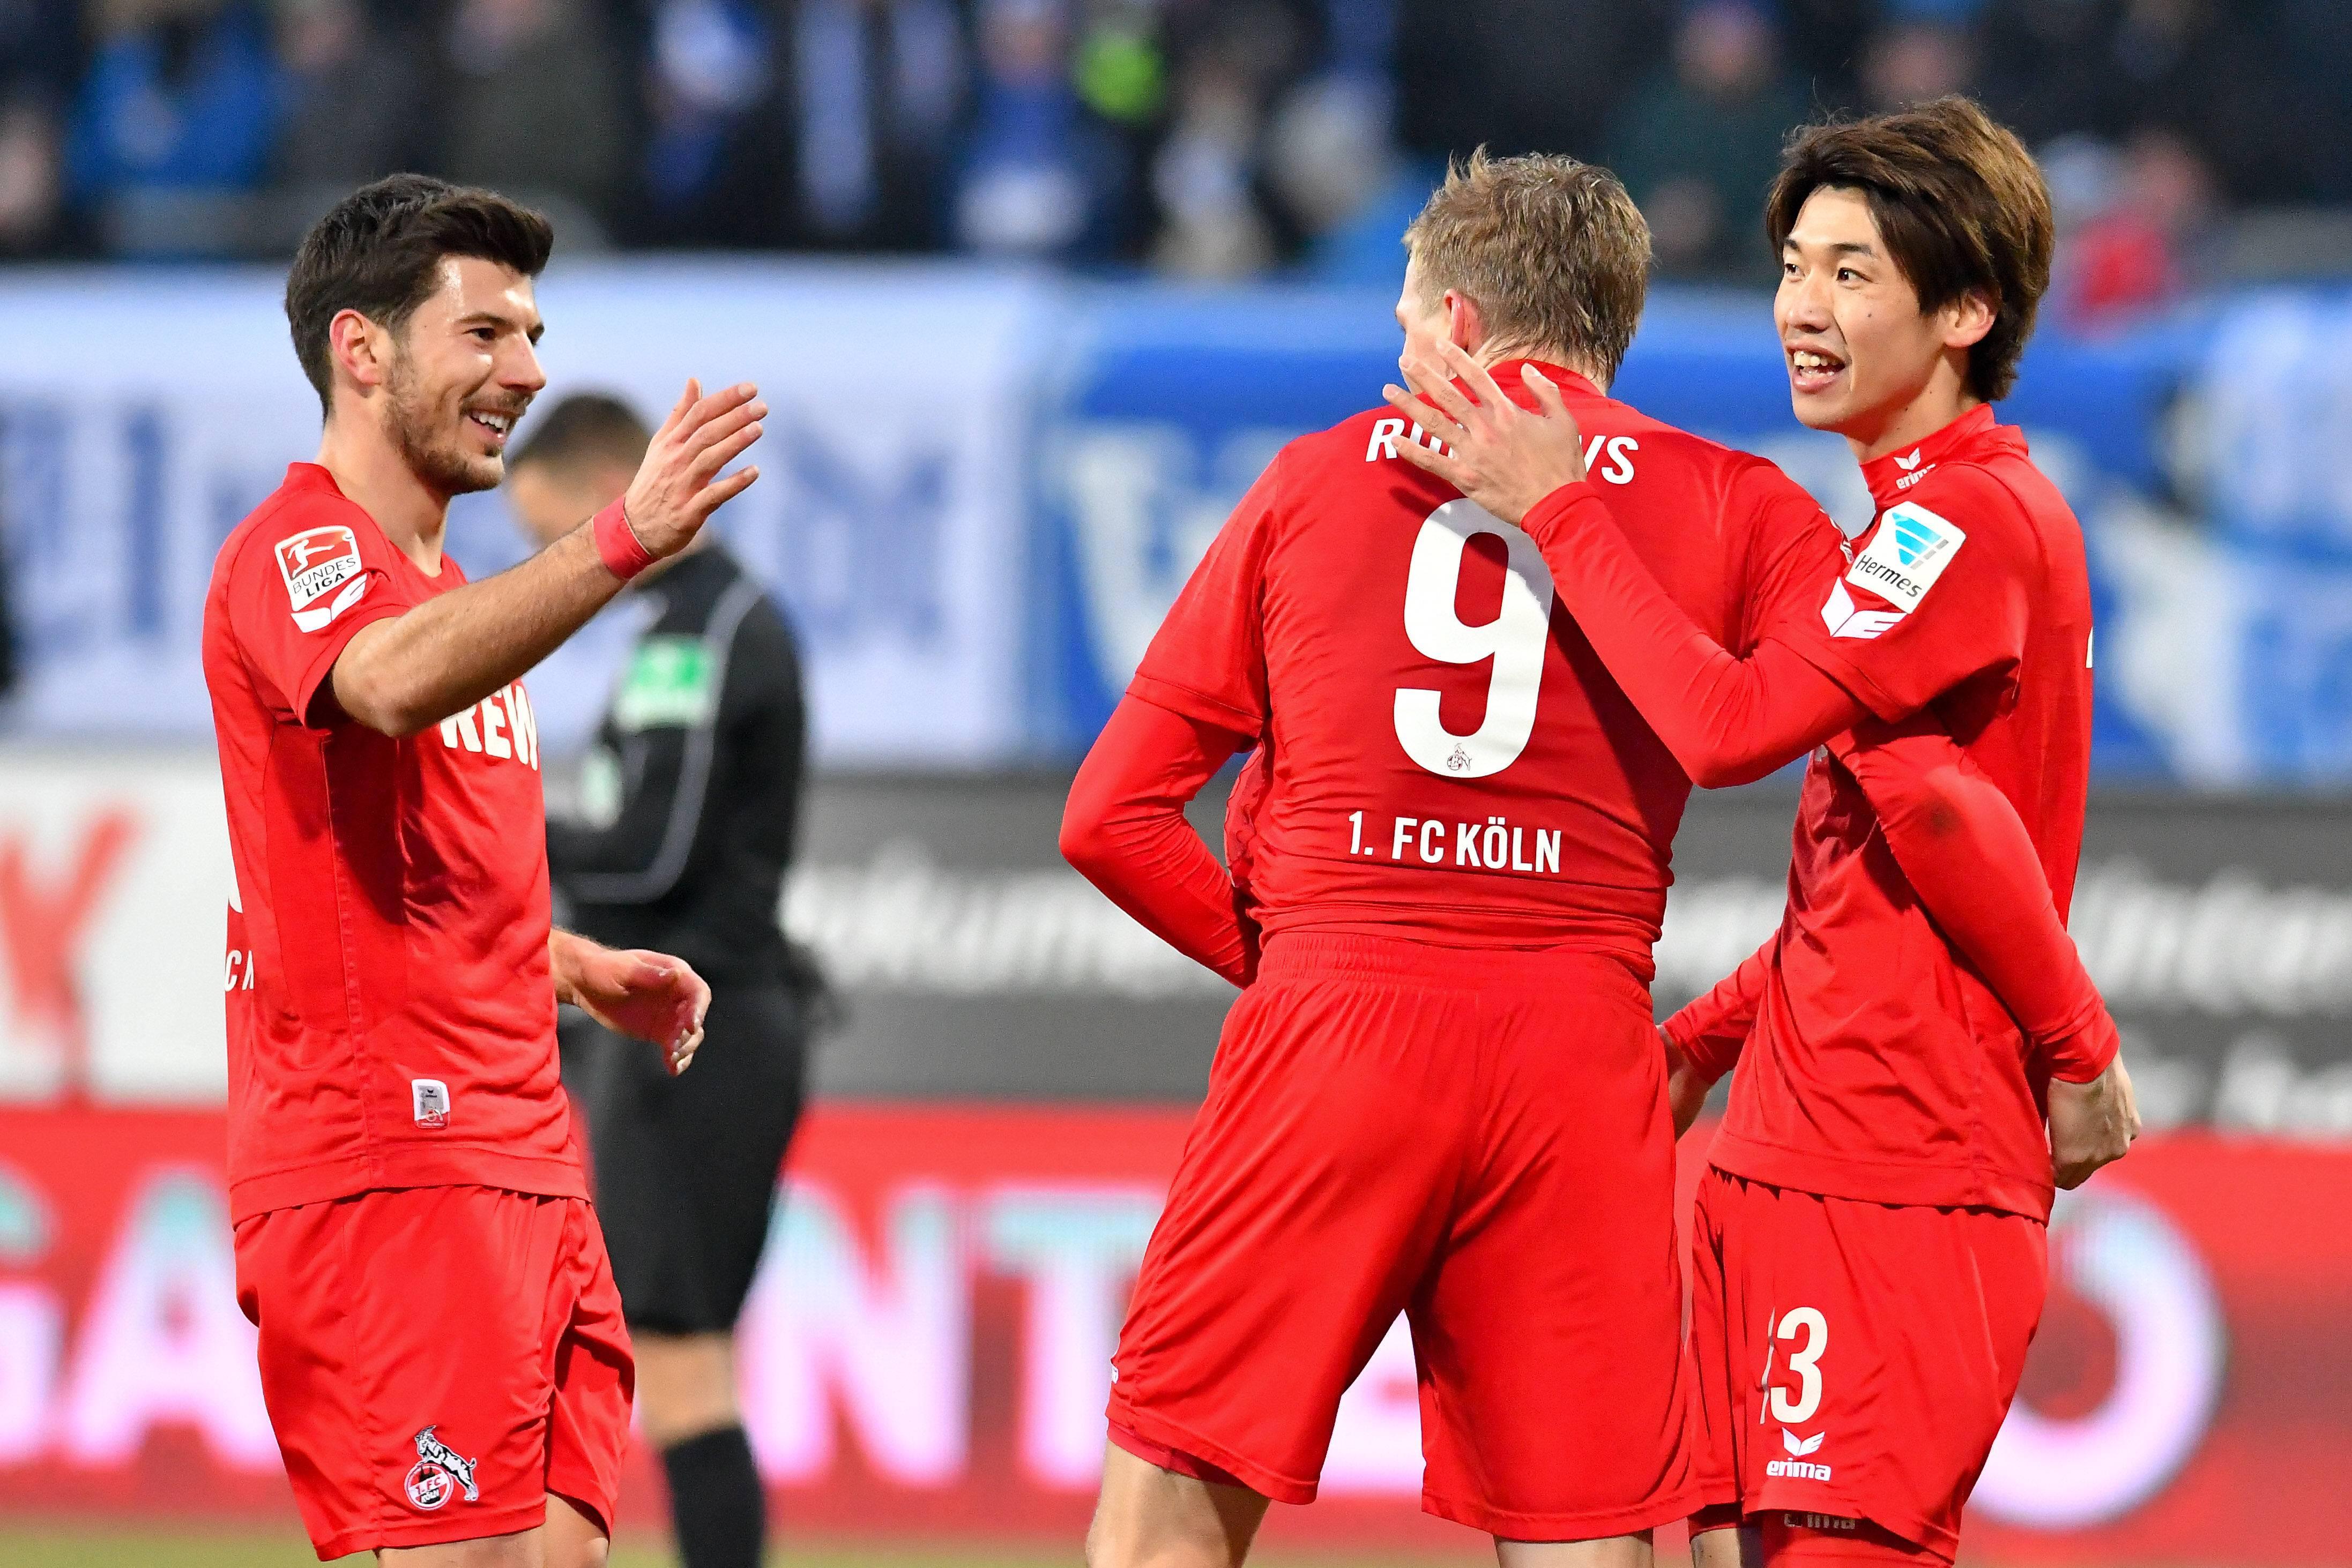 Jojic, Rudnevs und Osako bejubeln das zwischenzeitliche 5:1 der Kölner in Darmstadt.